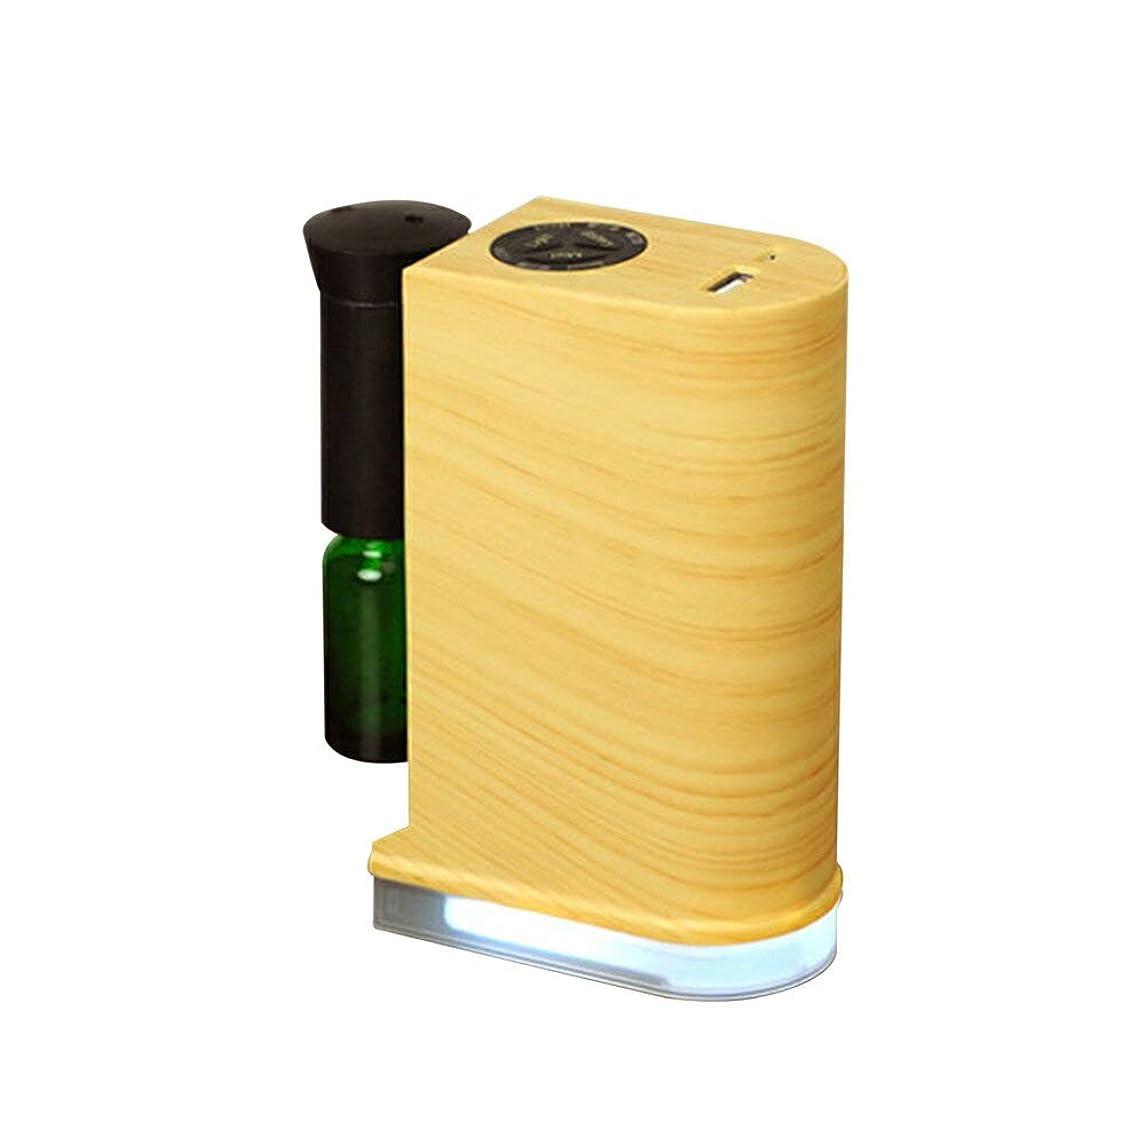 ブレーク気楽な危険なアロマディフューザー 木目調 ネブライザー式 USBポート付き 癒しの空間 卓上 アロマライト アロマオイル スマホ充電可能 オフィス リビング ナチュラル